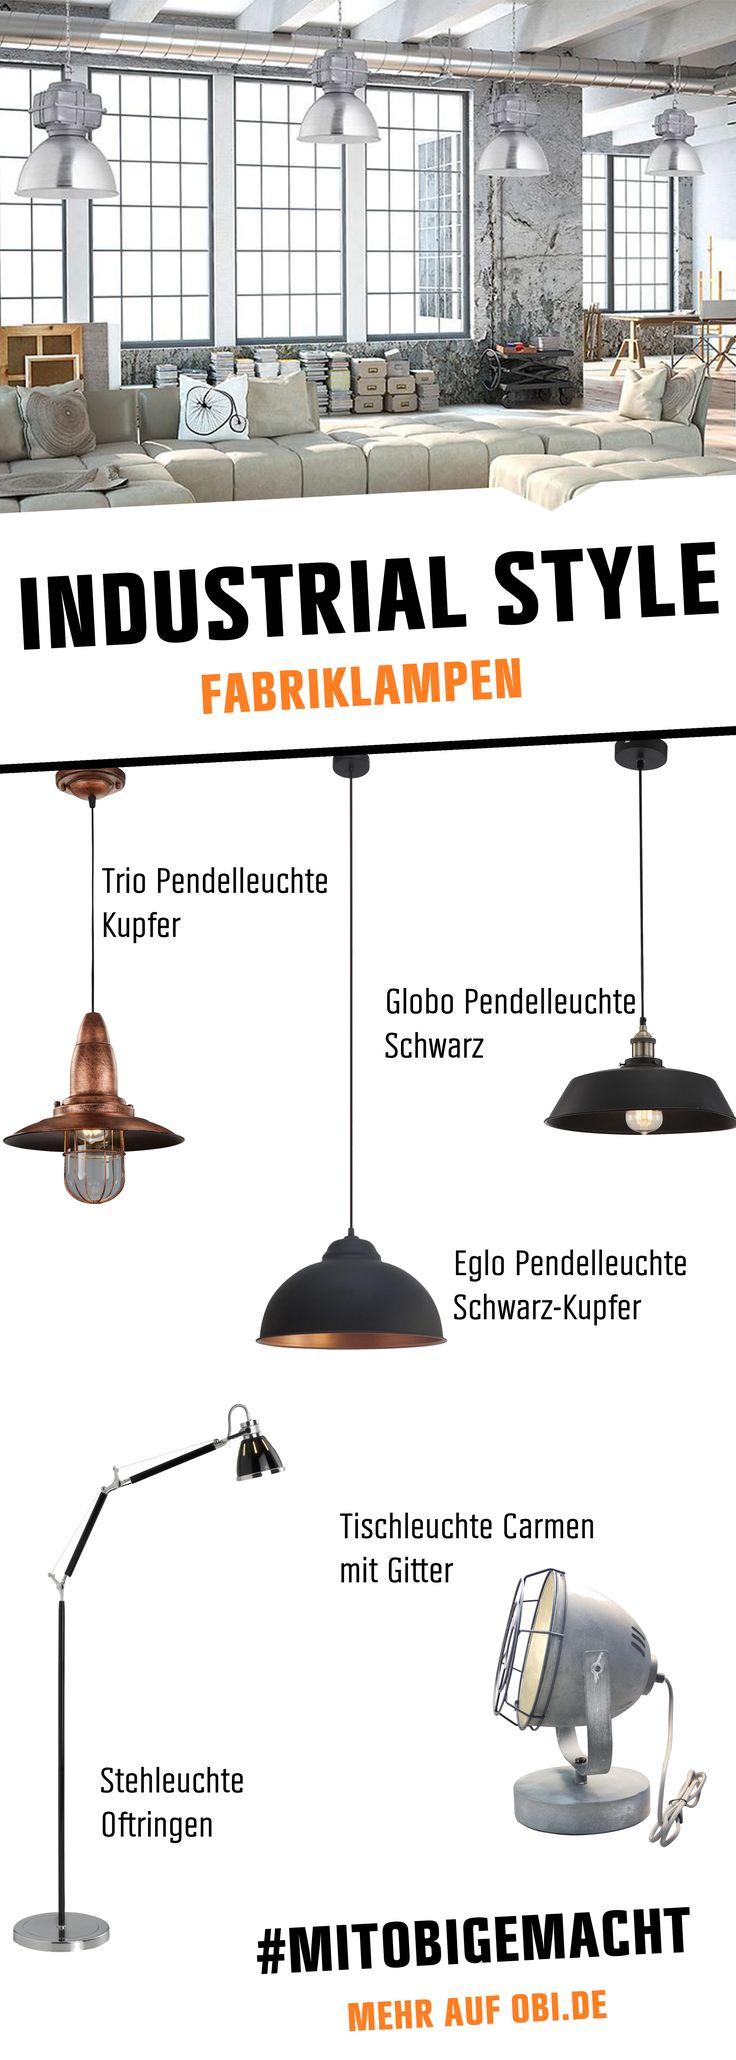 Ob Retro-Fabriklampe im Vintage-Stil der 20er Jahre oder futuristische Aluminium-Leuchte - In Blech- und Metall-Optik, als Gußelement gefertigt, gibt es Industrieleuchten in vielfältigen Designs und für ebenso viele Nutzungsformen. Lass dich von der Vielfalt der Fabriklampen inspirieren.  #lampen #fabriklampen #industrialstyle #ideen #innenbeleuchtung #inspiration #mitobigemacht #deko #wohnzimmer #selbstgemacht